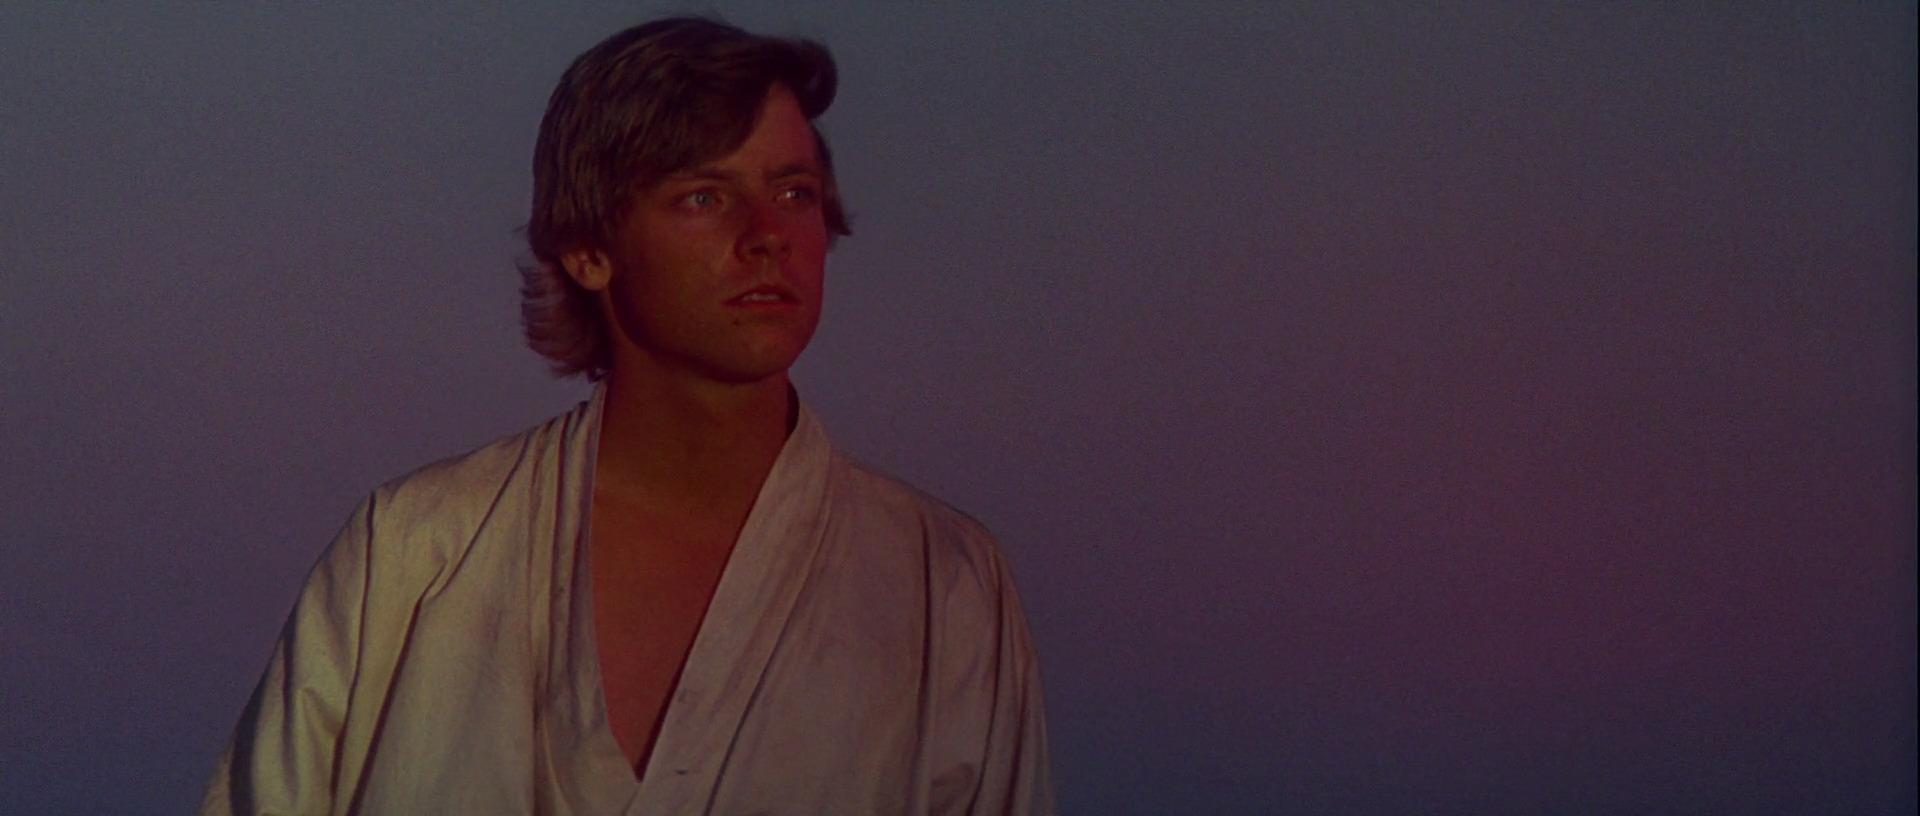 Luke Skywalker is the Greatest Star Wars Character